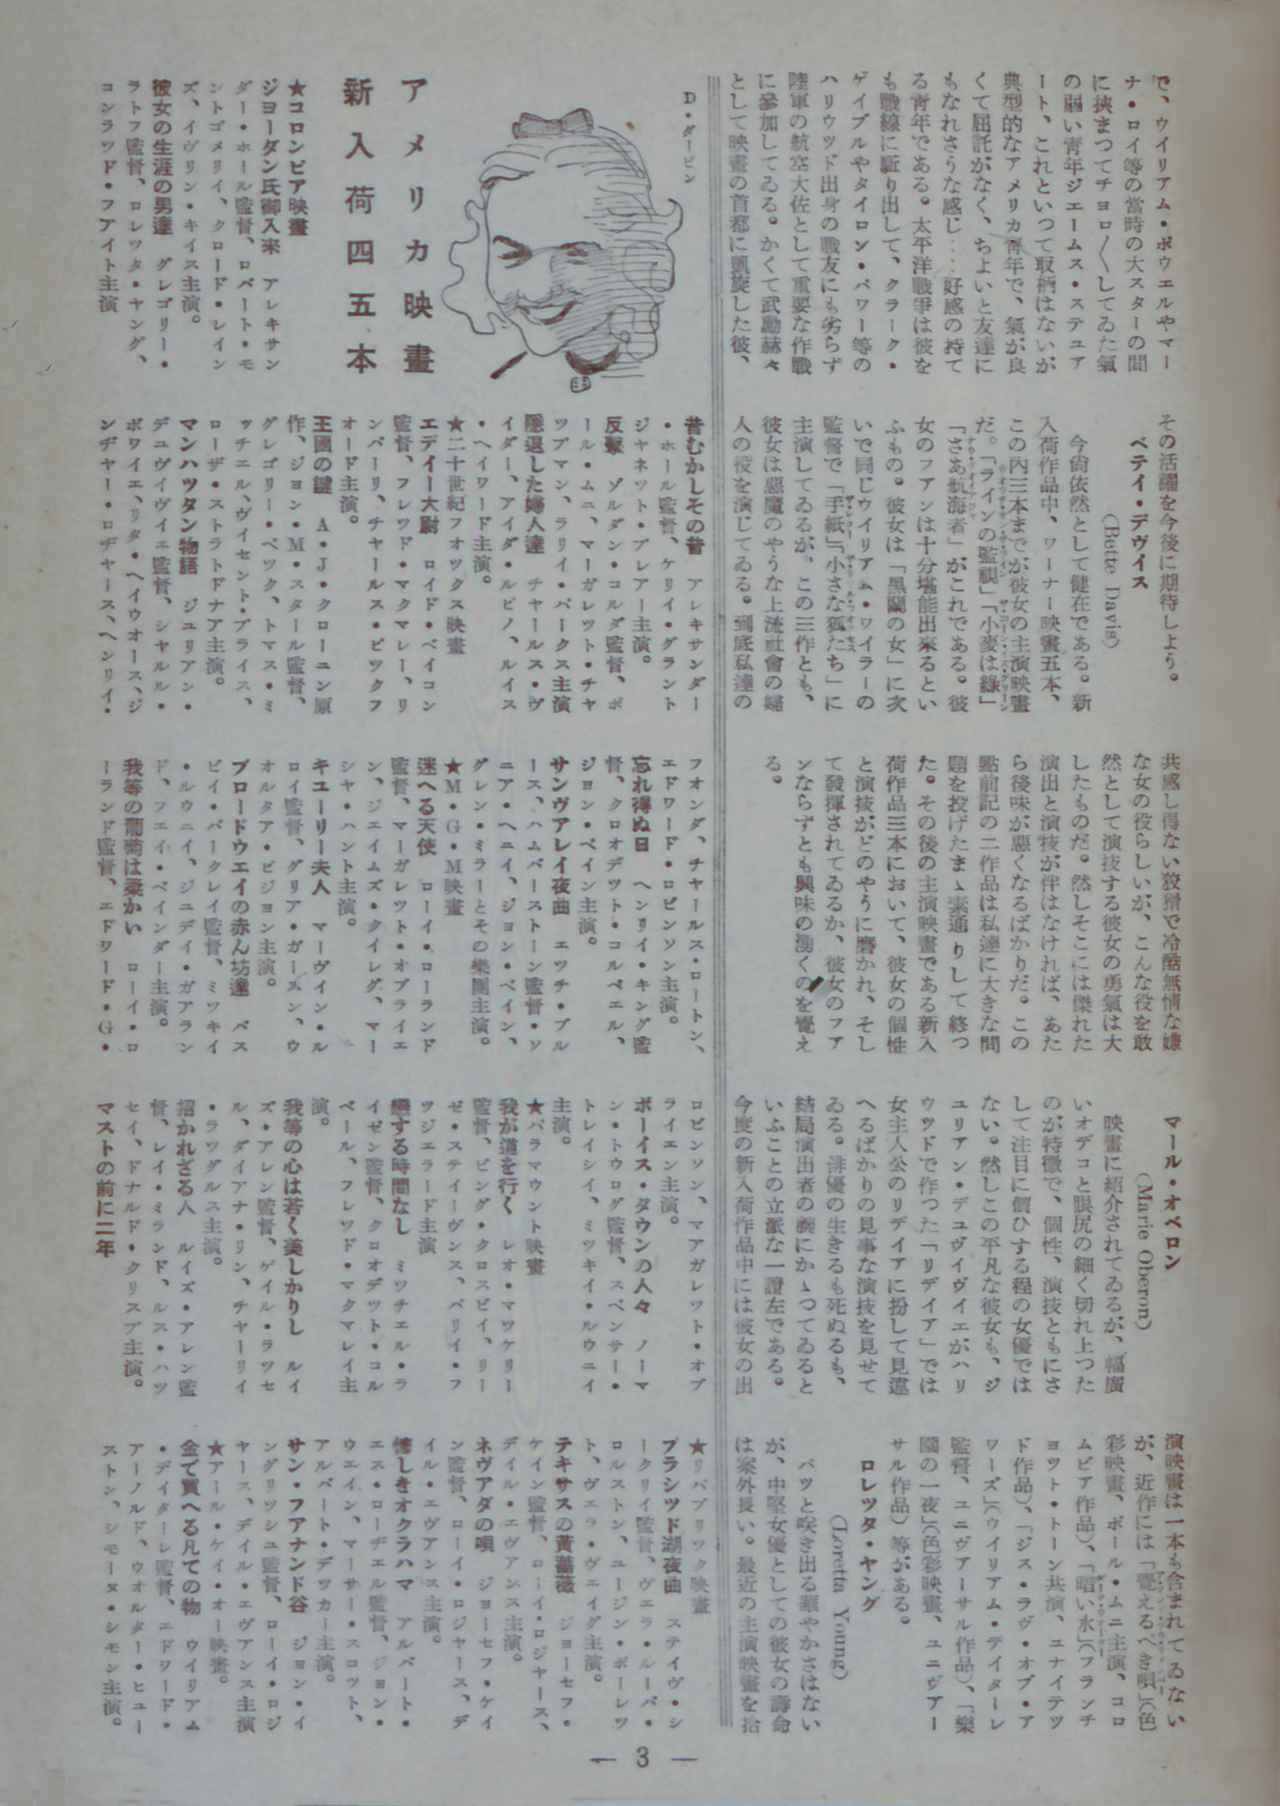 画像3: 1946年の創刊号の表紙は原節子さんでした